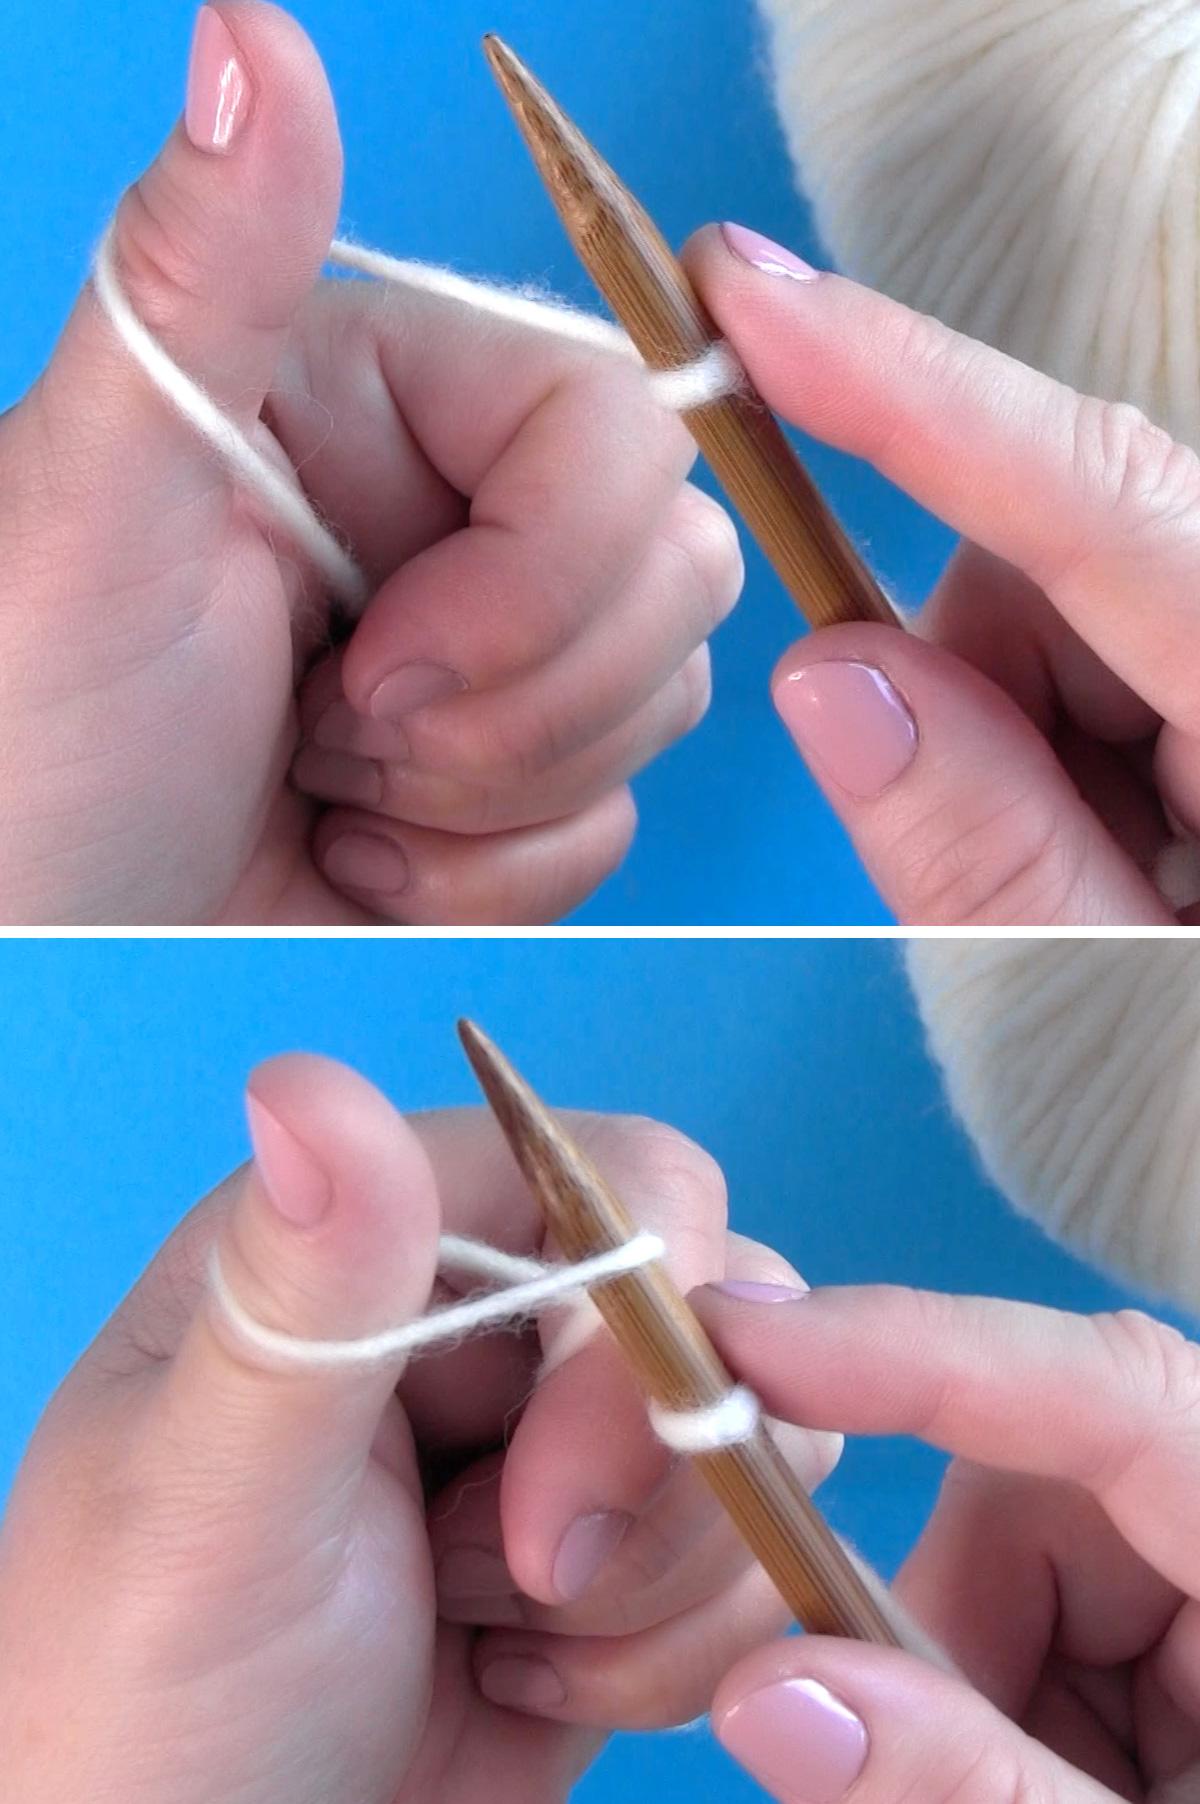 Insertar la punta de una aguja de tejer debajo del bucle del pulgar para recoger el hilo para montar los puntos.